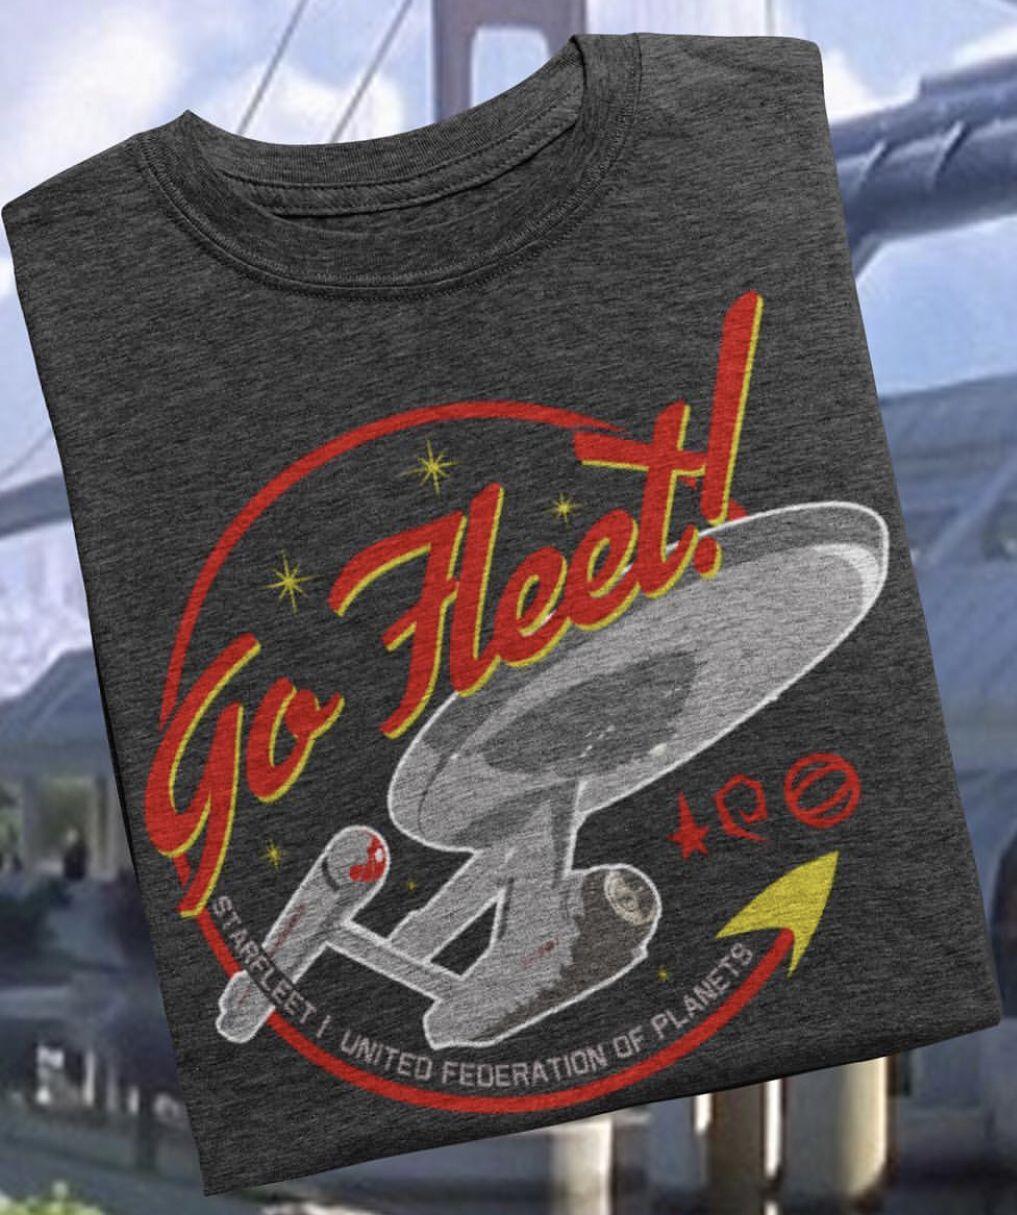 Go starfleet